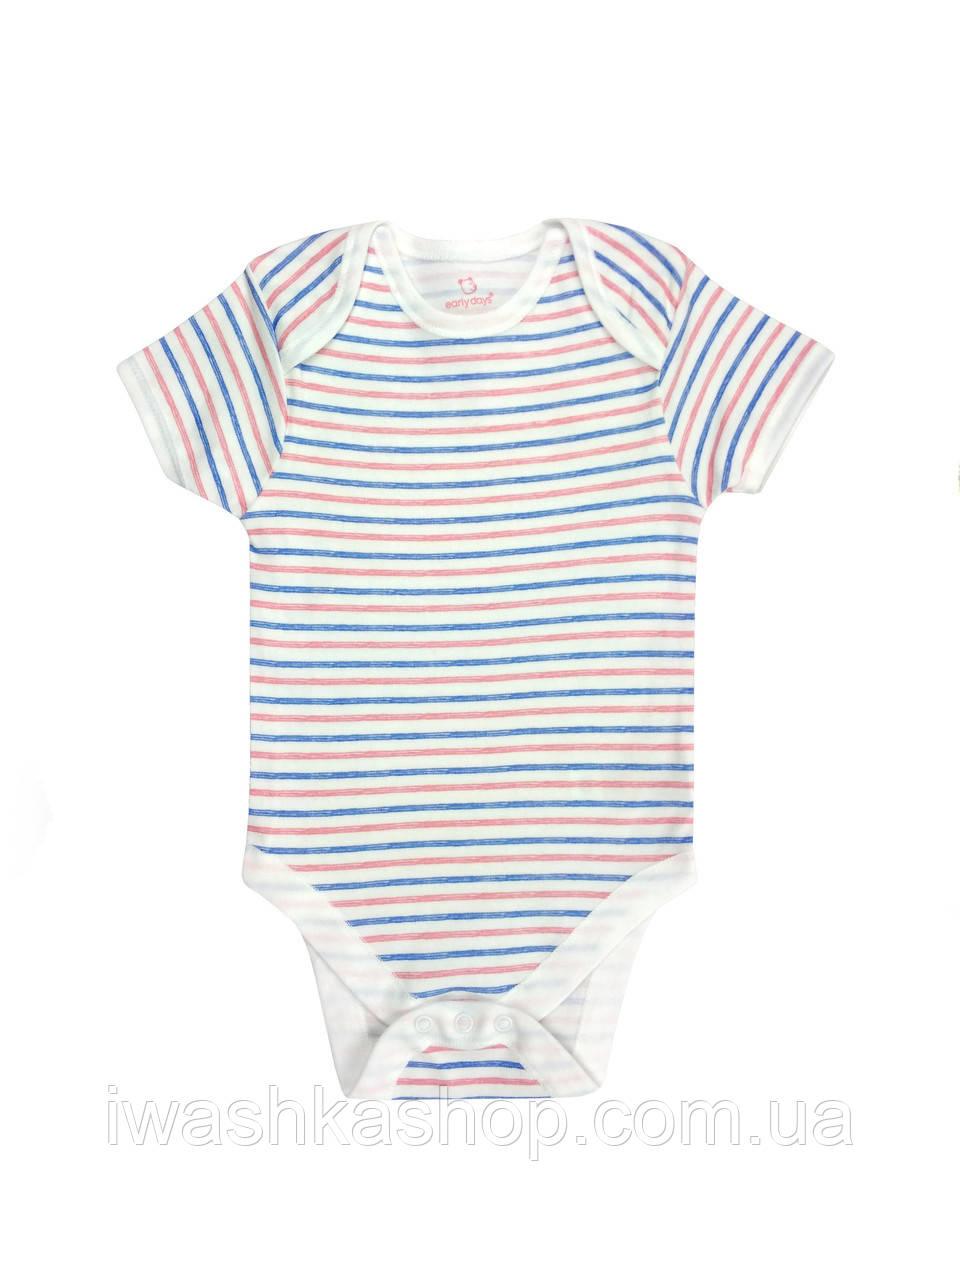 Хлопковое белоснежное боди в полоску для девочек 12 - 18 месяцев, р 86, Early days by Primark